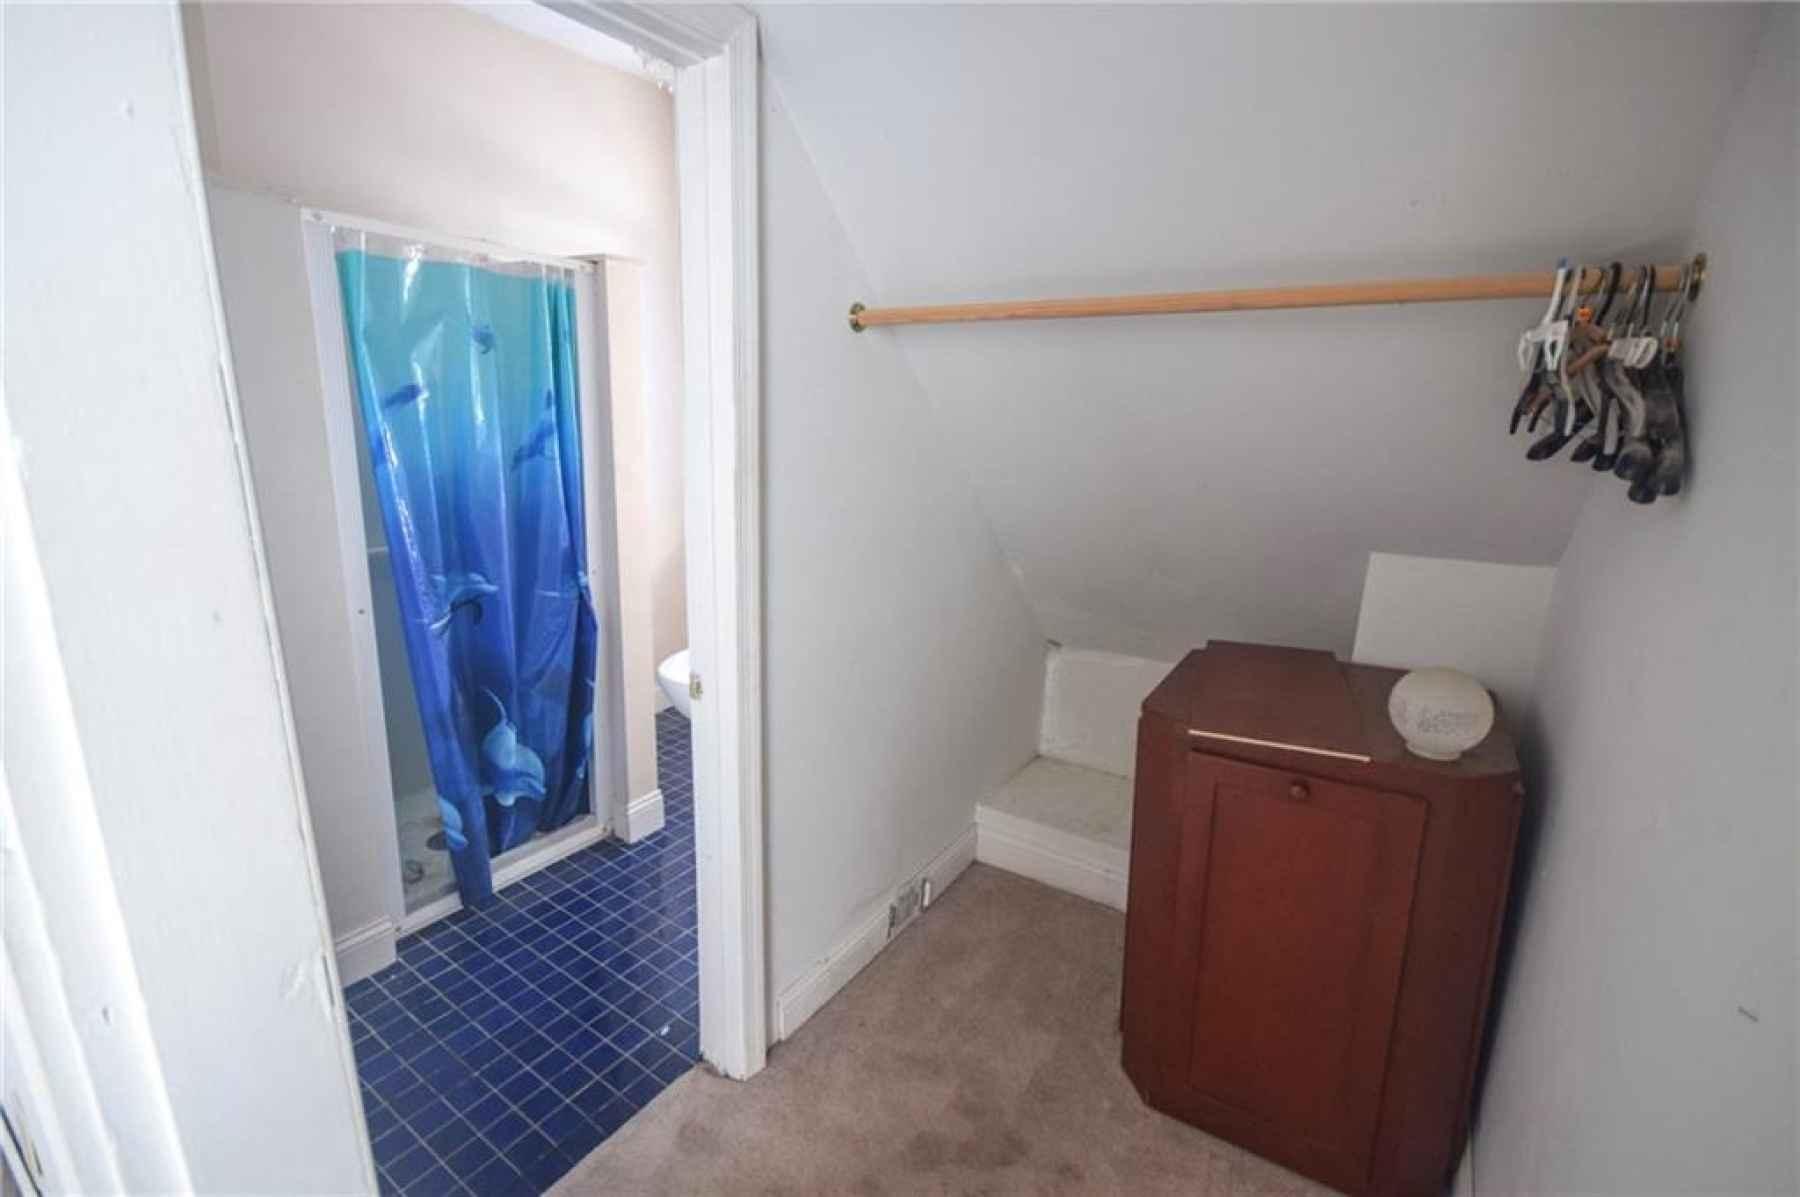 Second floor. Second bedroom w/ full bath.